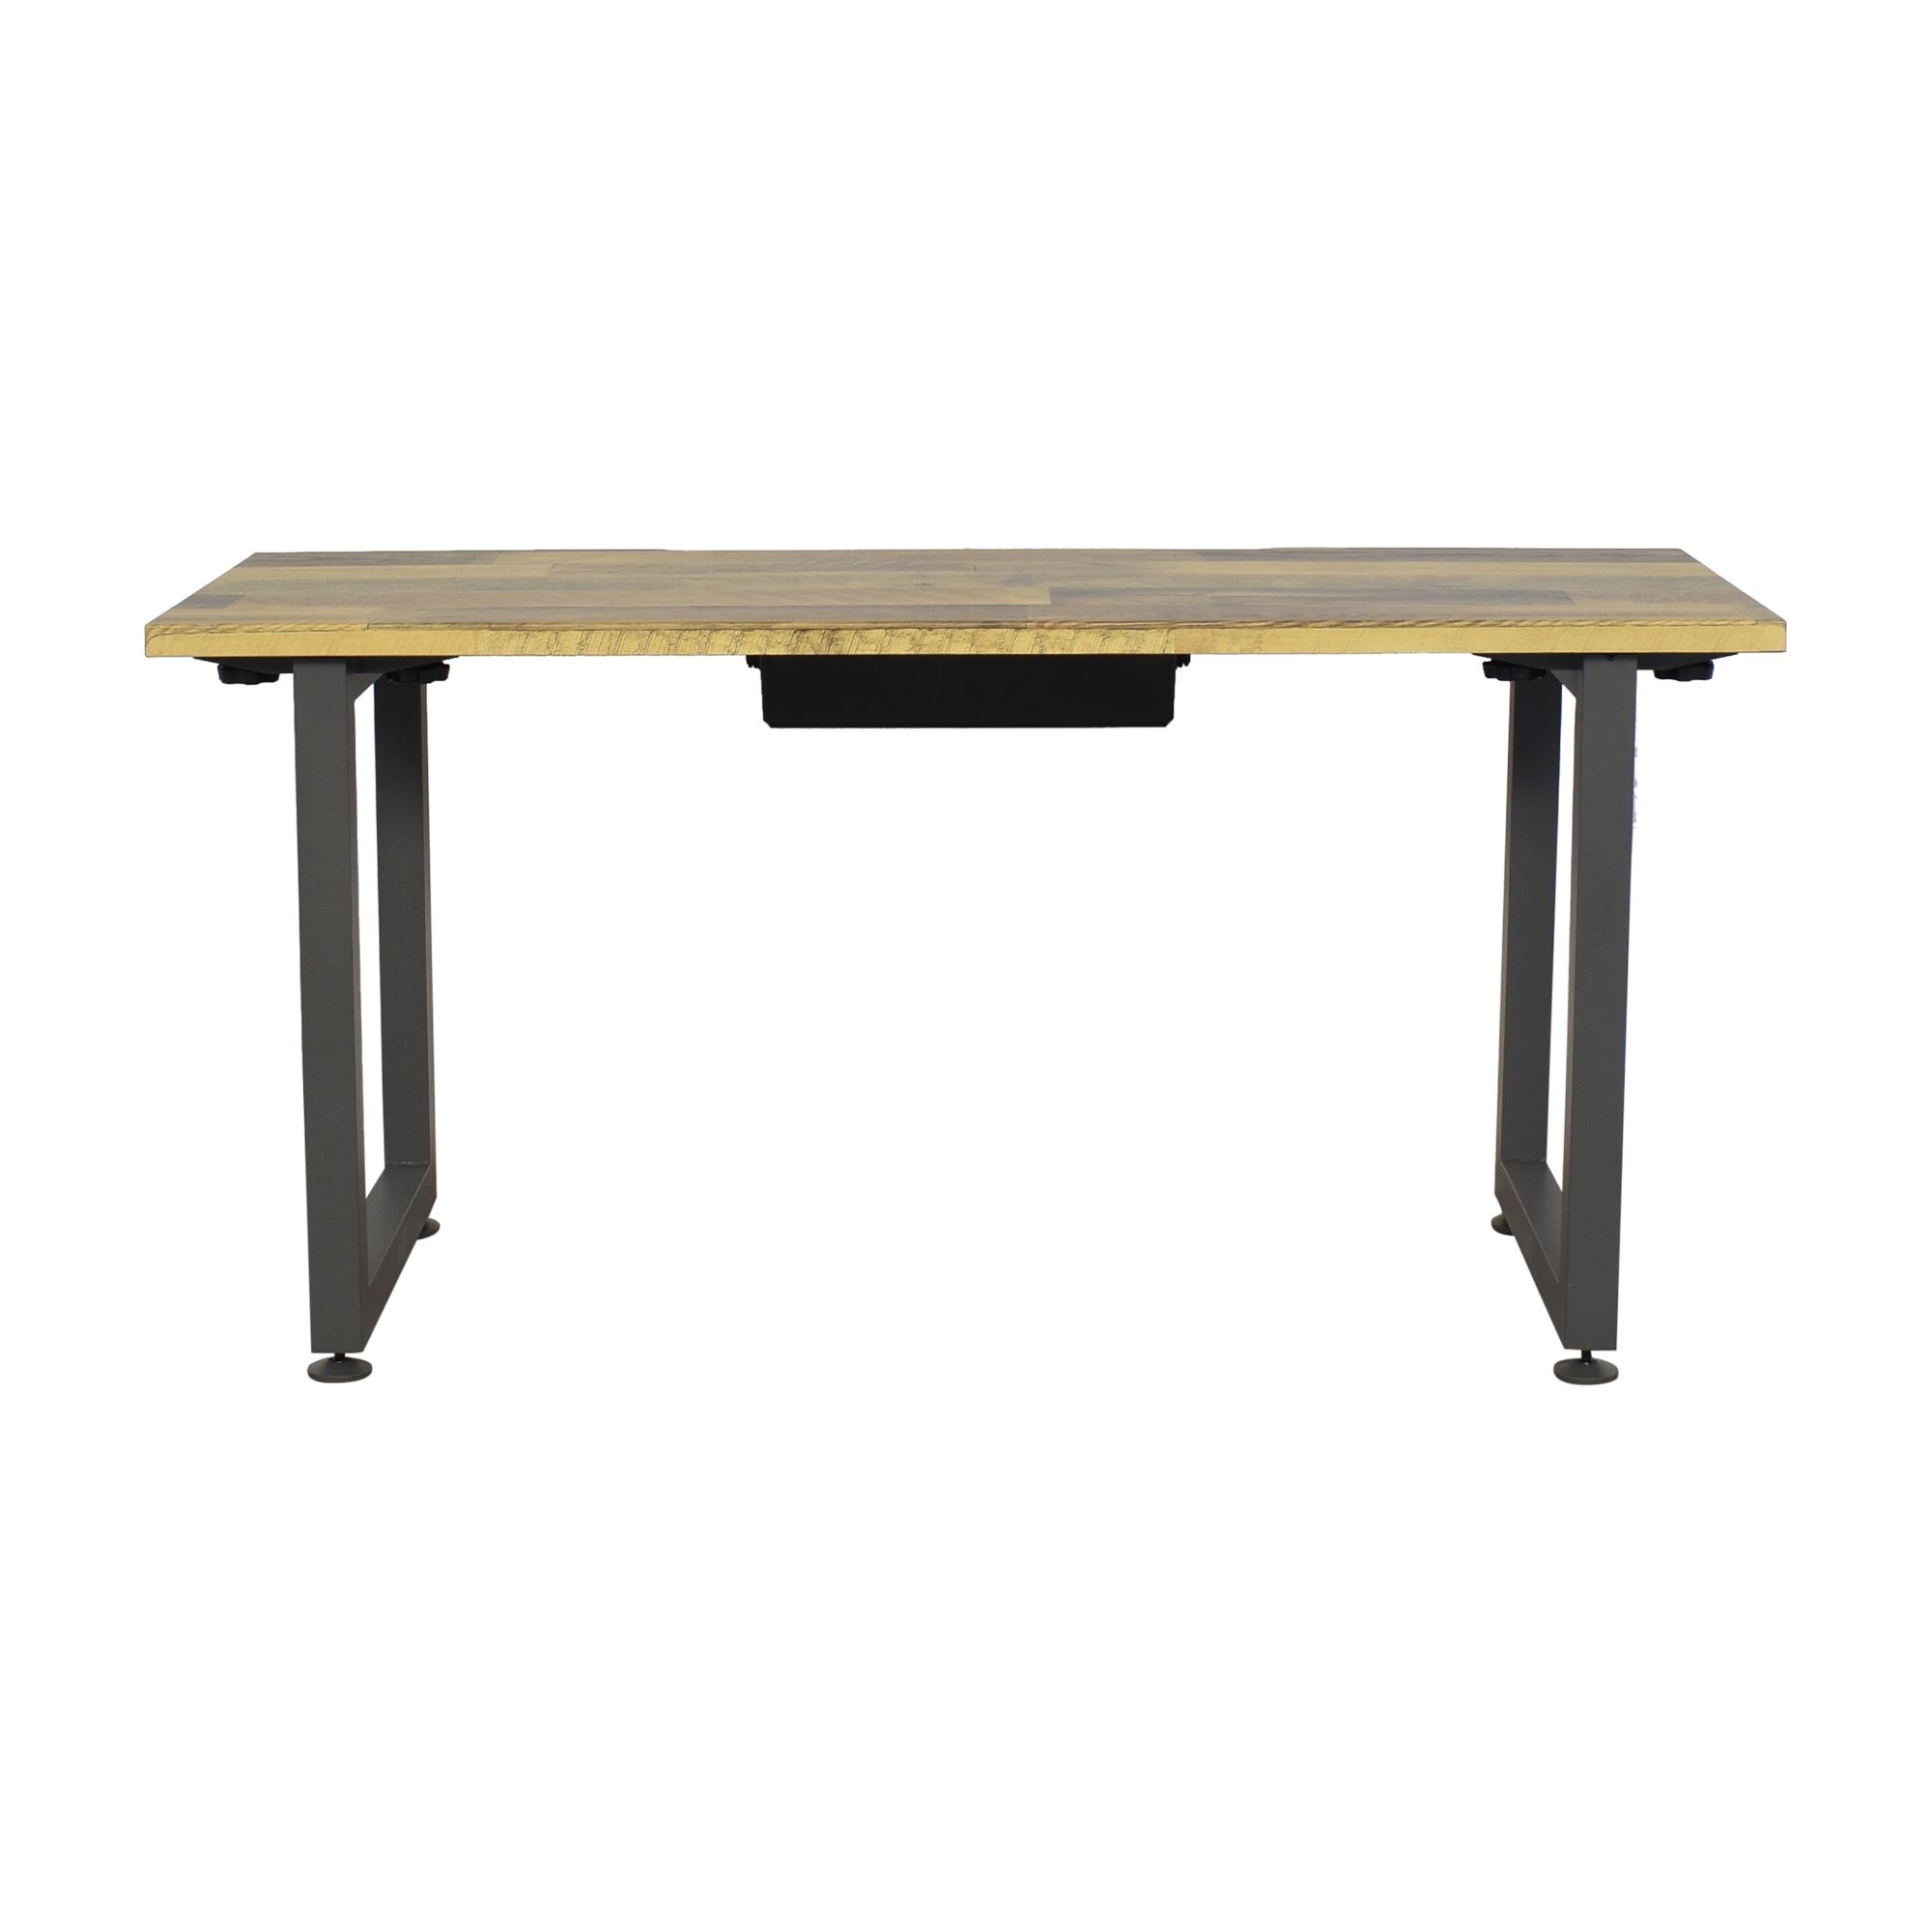 Varidesk Varidesk QuickPro Desk dimensions